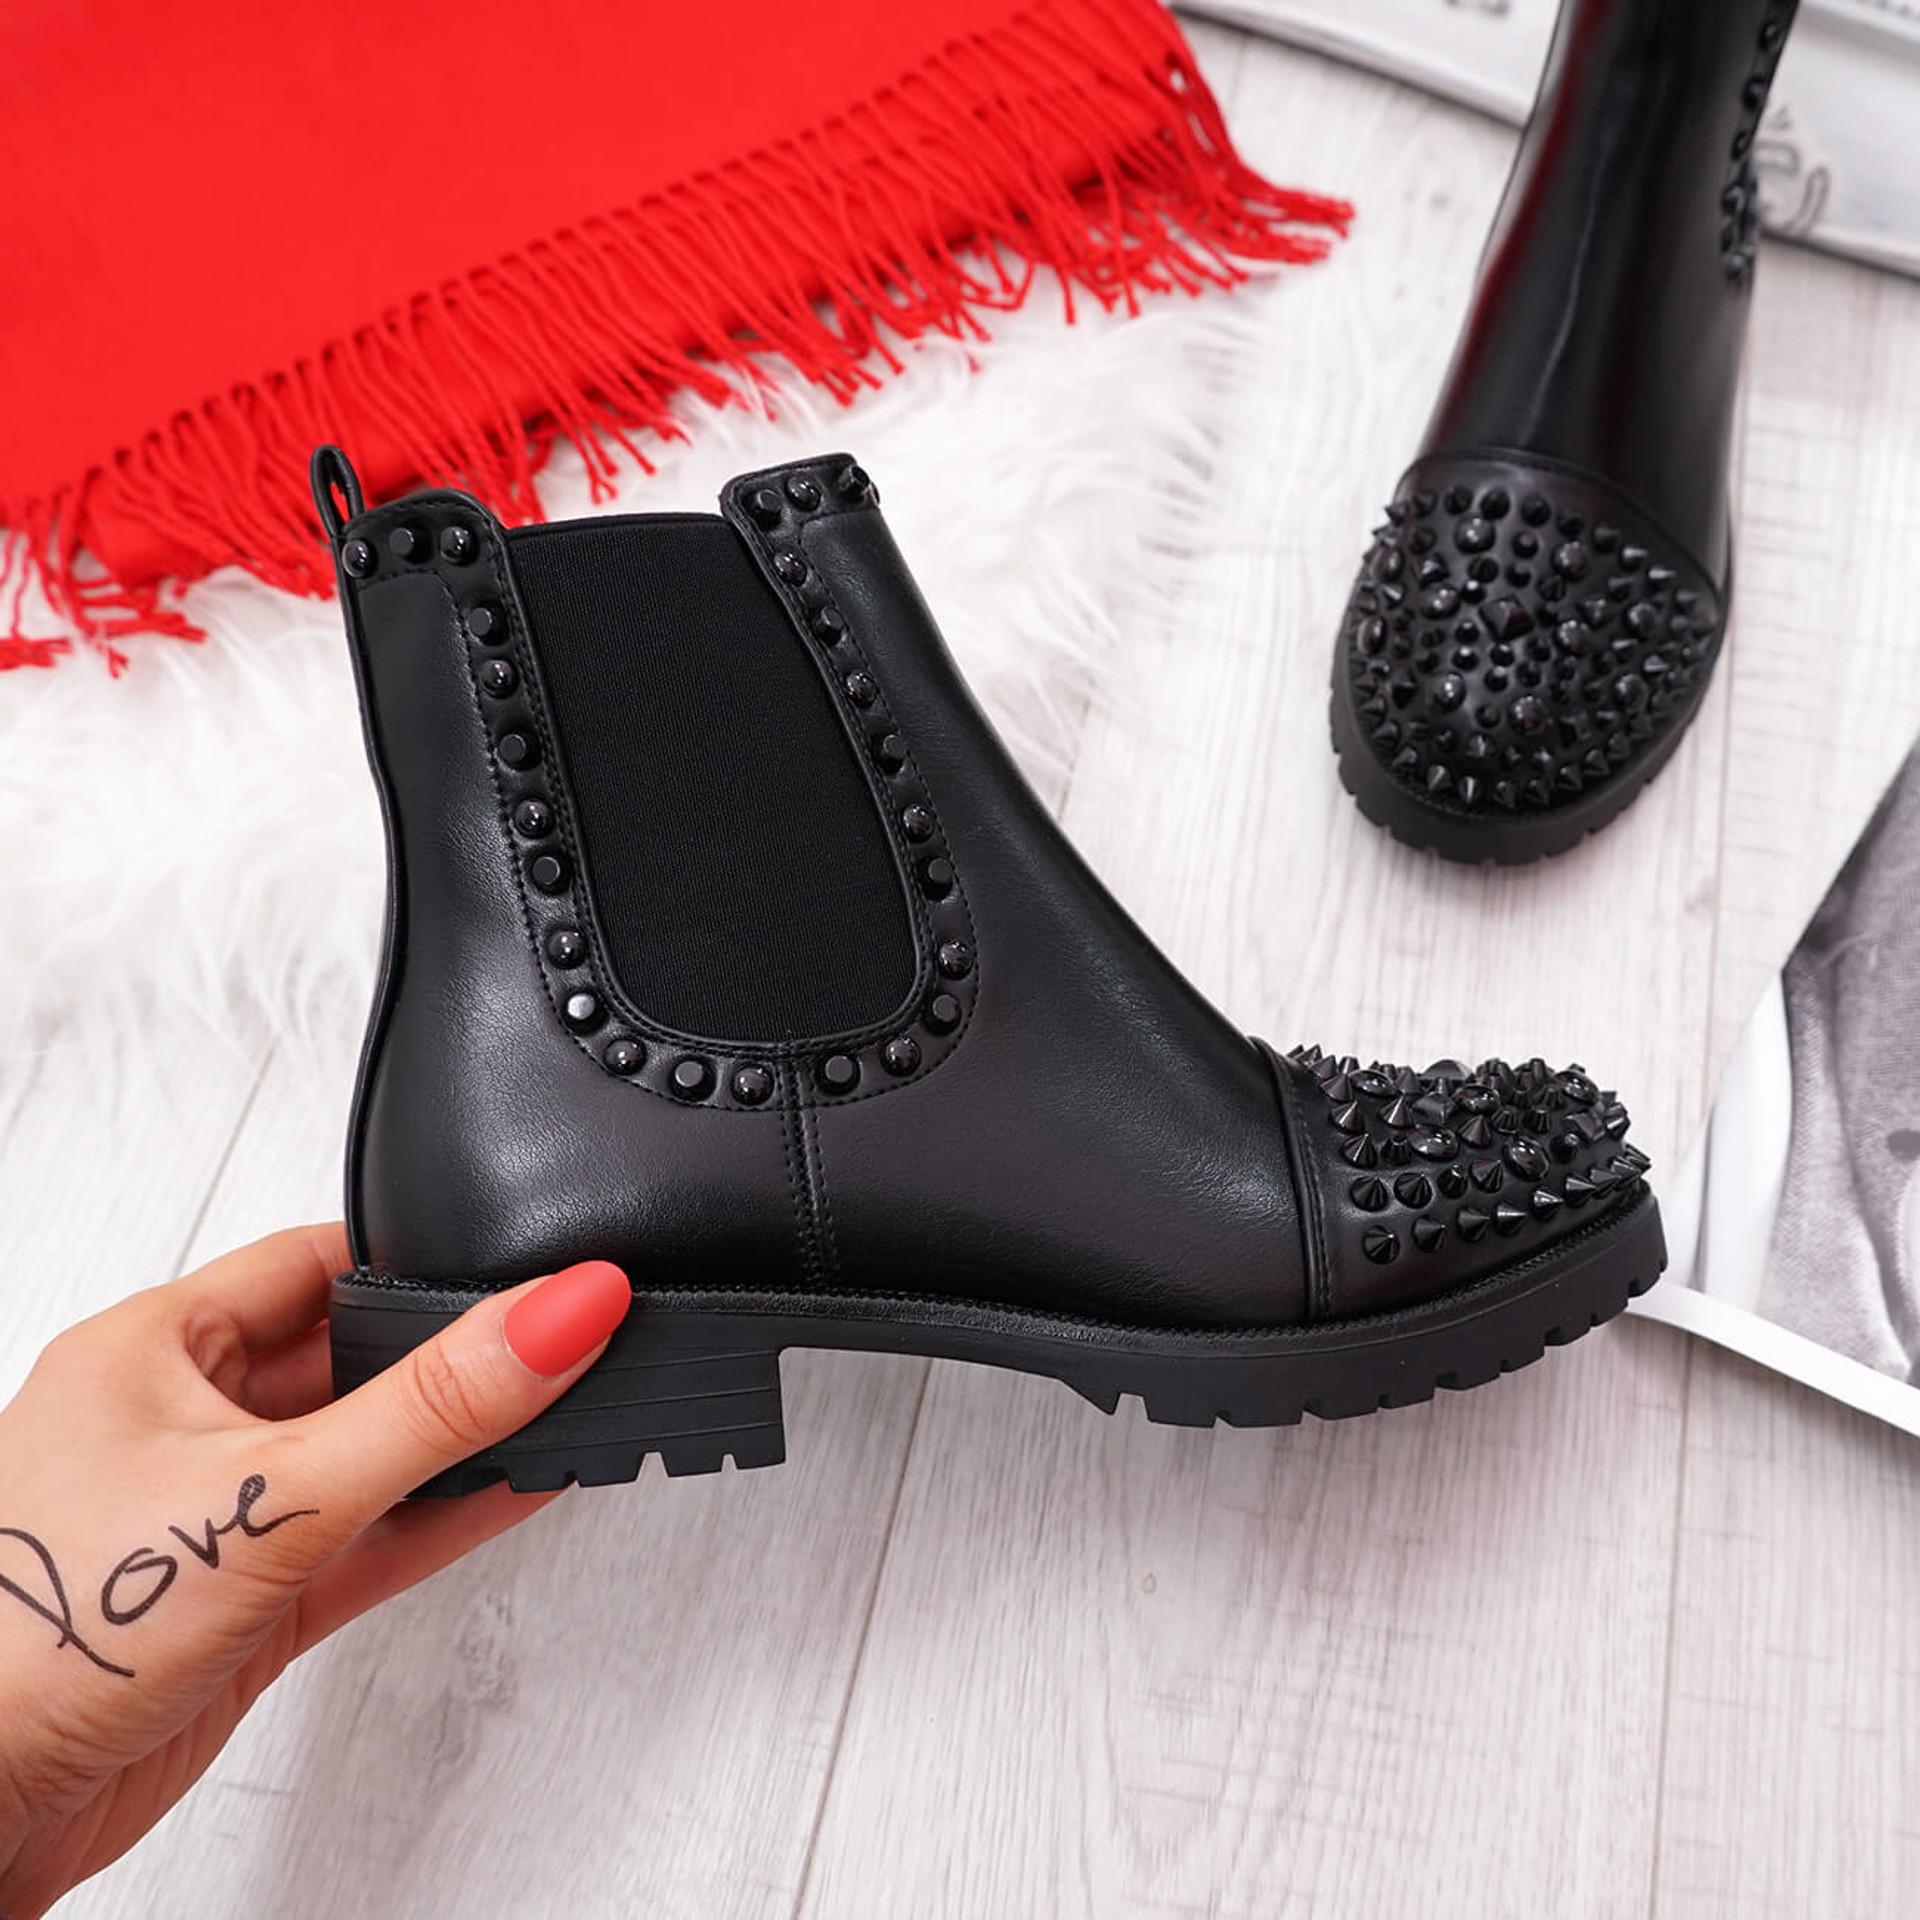 Blerra Black Studded Ankle Boots